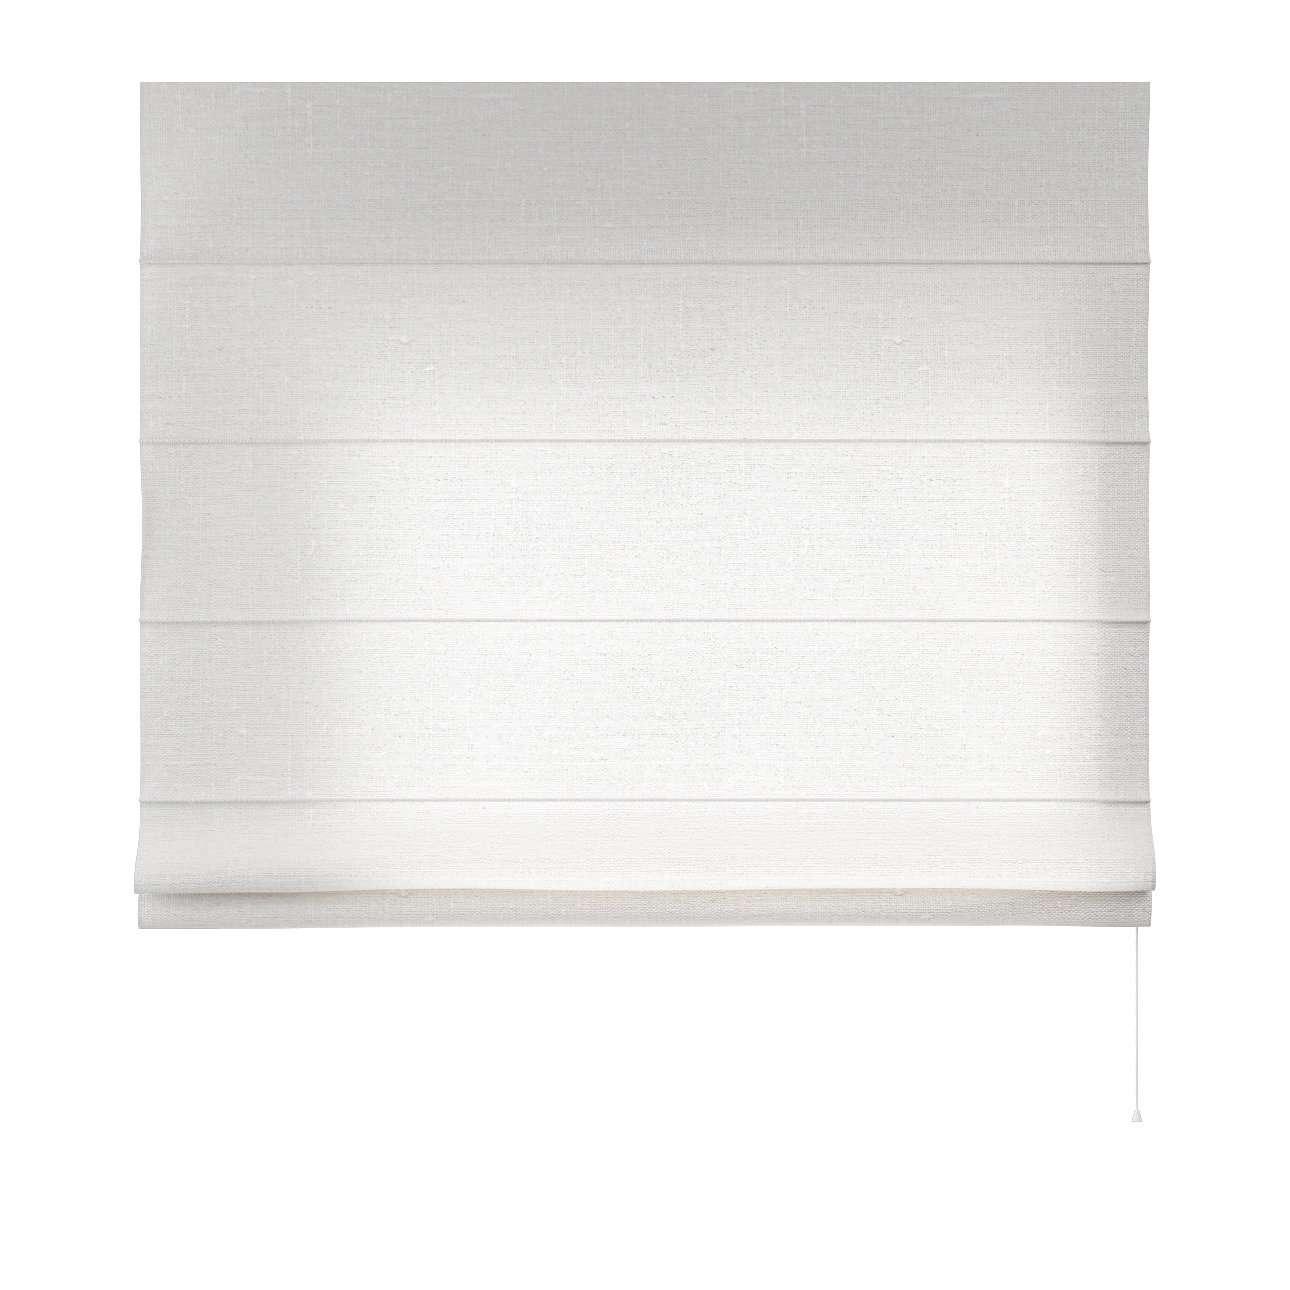 Raffrollo Capri 80 x 170 cm von der Kollektion Leinen, Stoff: 392-04